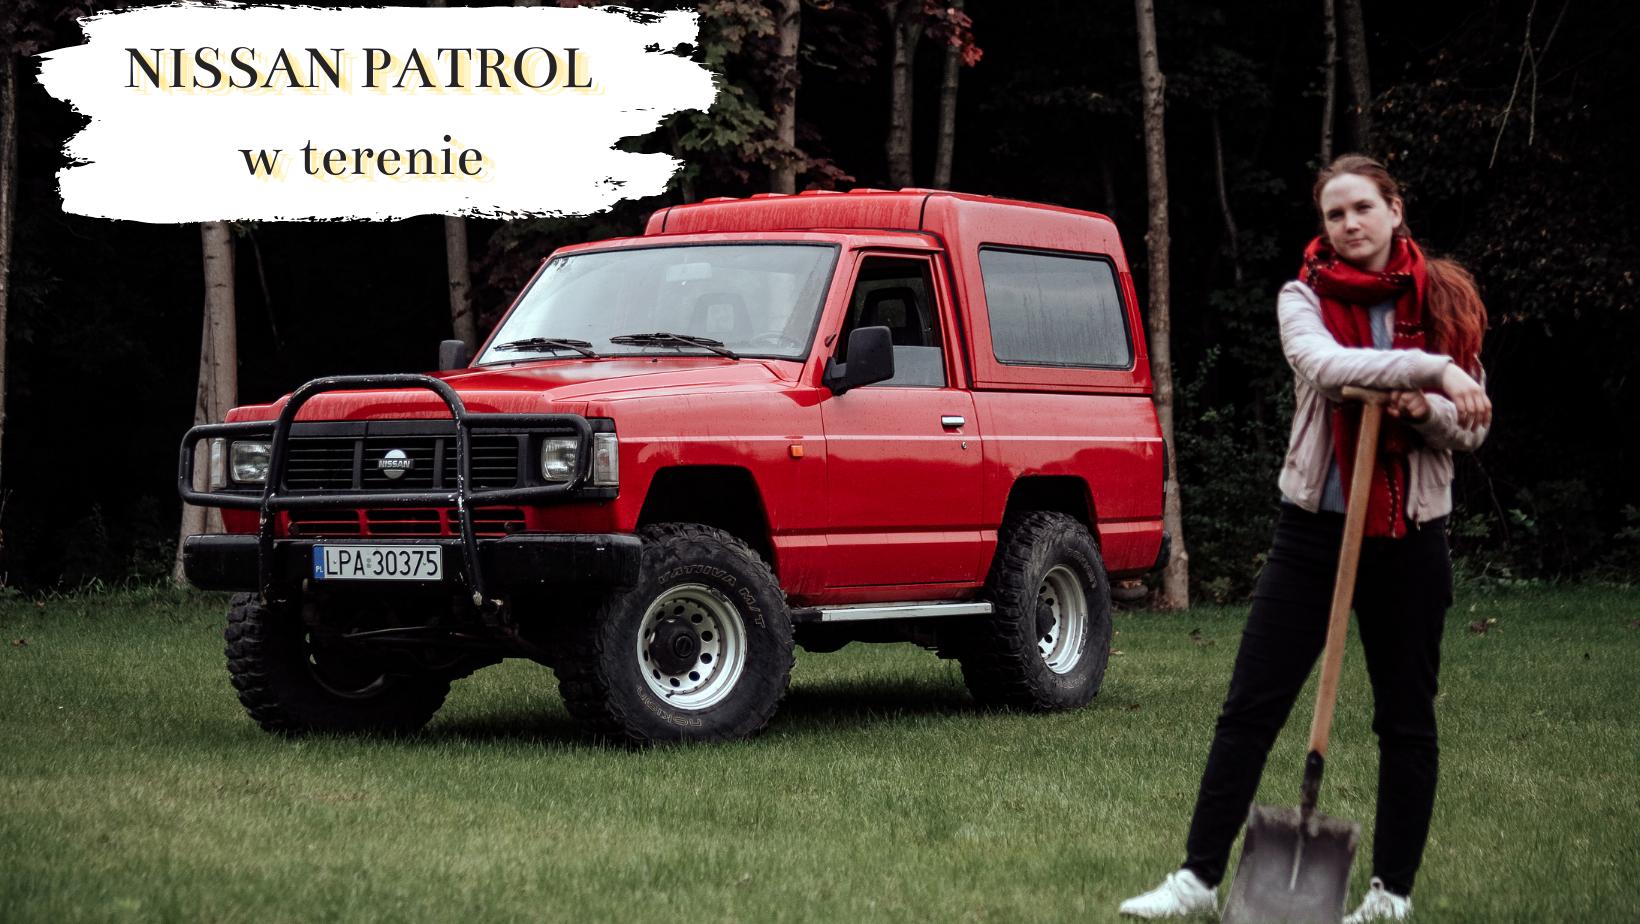 Nissan Patrol 260 – mistrz nierówności, głośny jak ciągnik. Trzecia generacja świetnie sprawdza się w terenie!